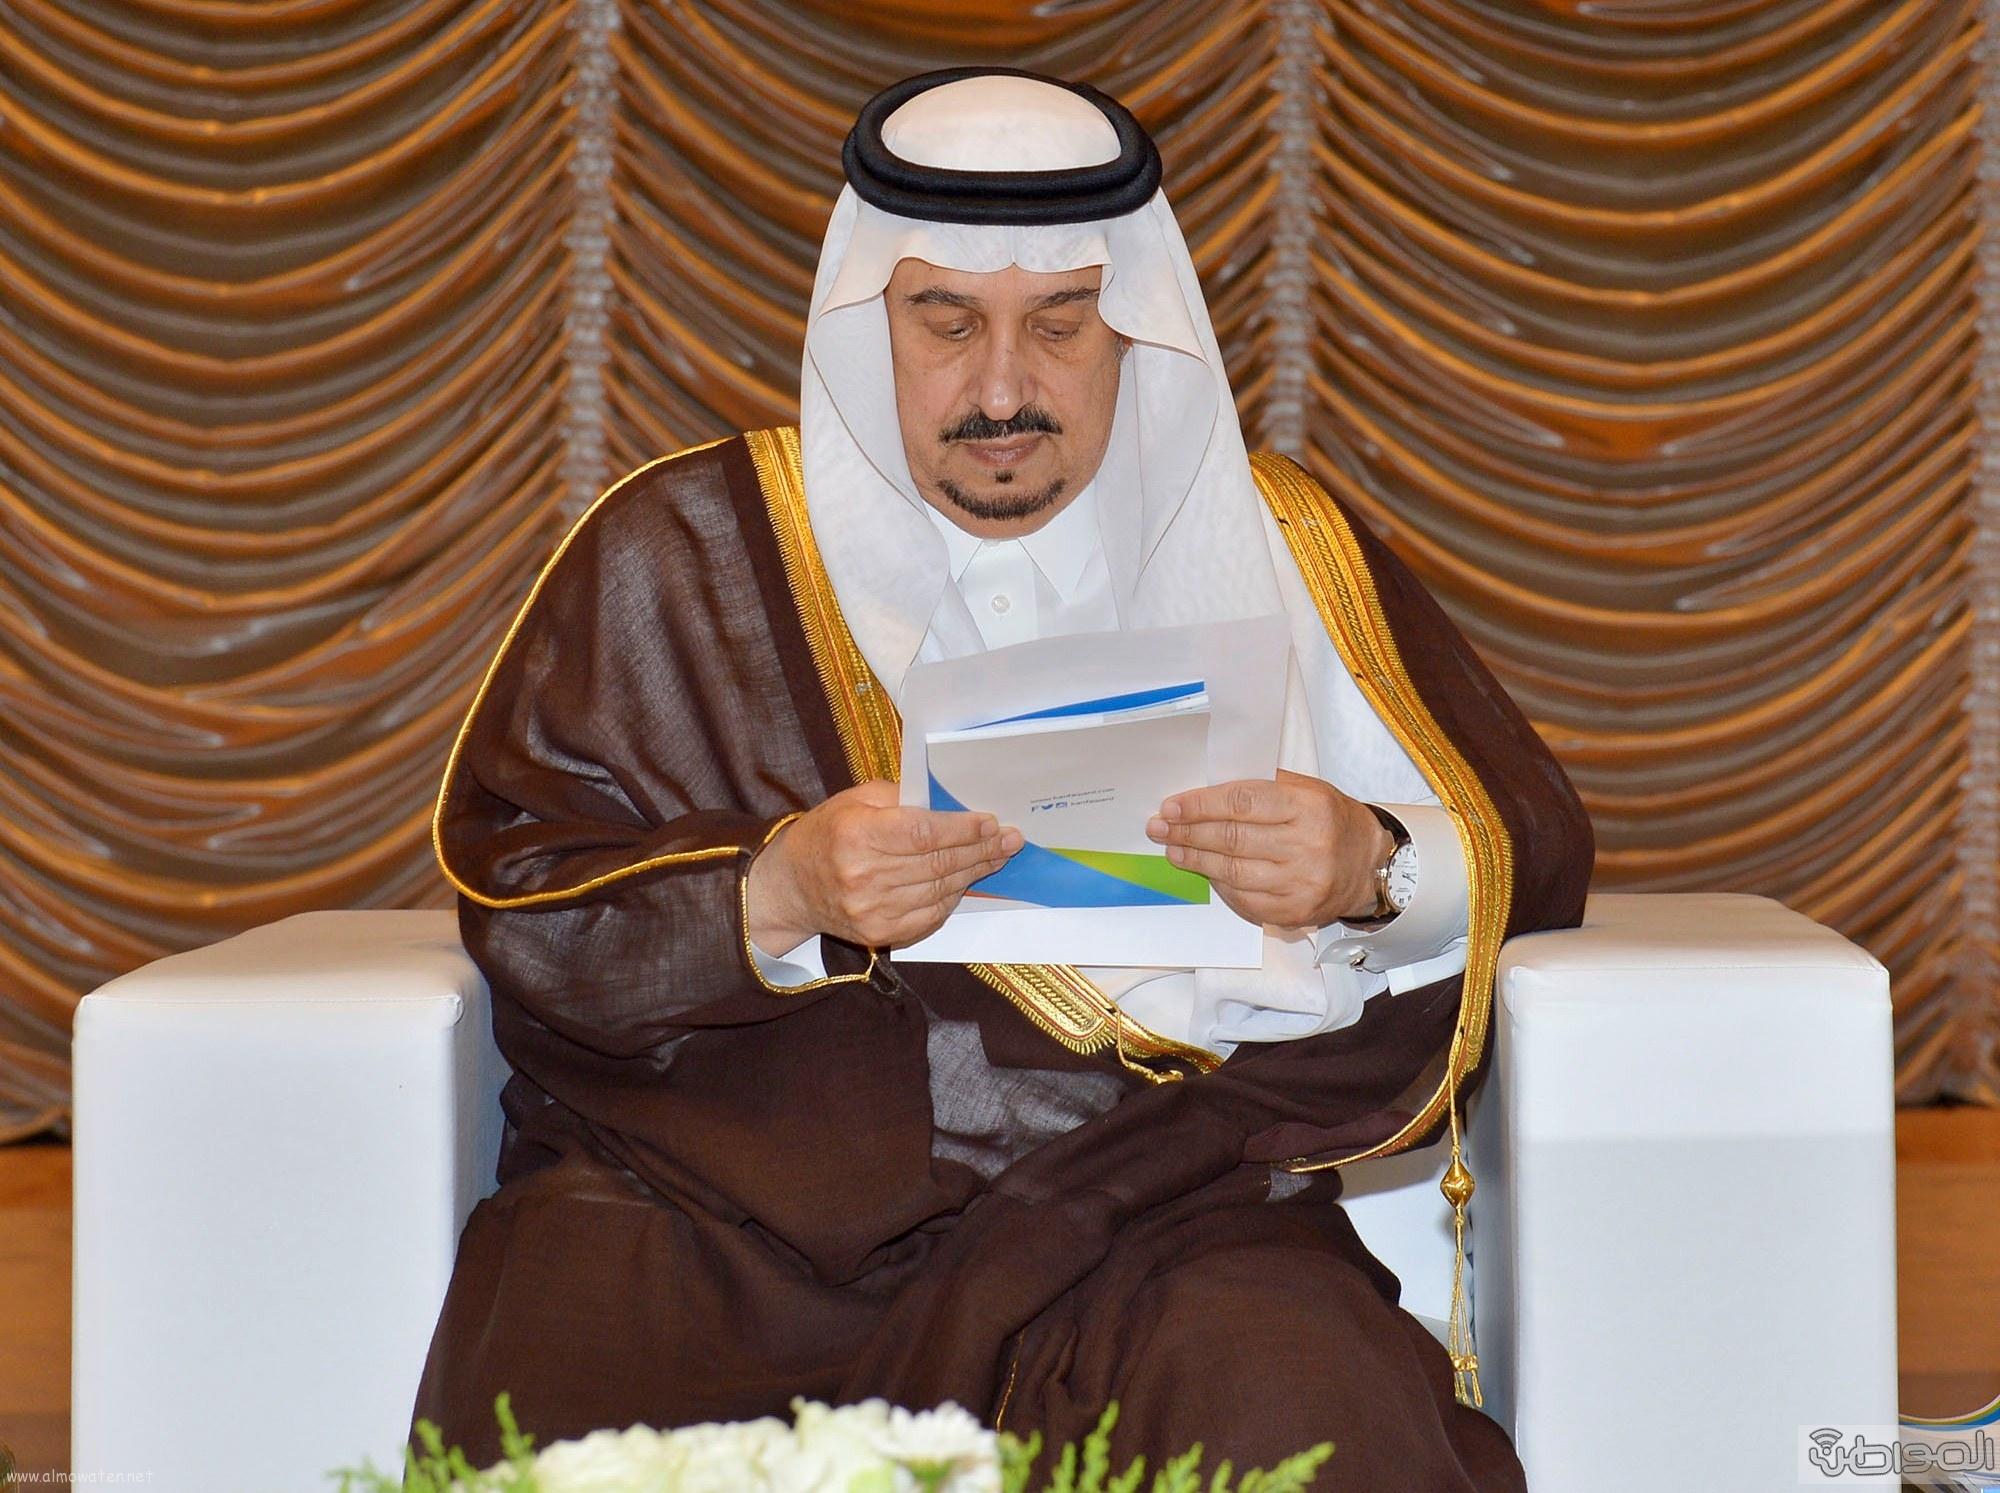 امير الرياض خلال رعاية طموح ملك لمستقبل وطن (1)